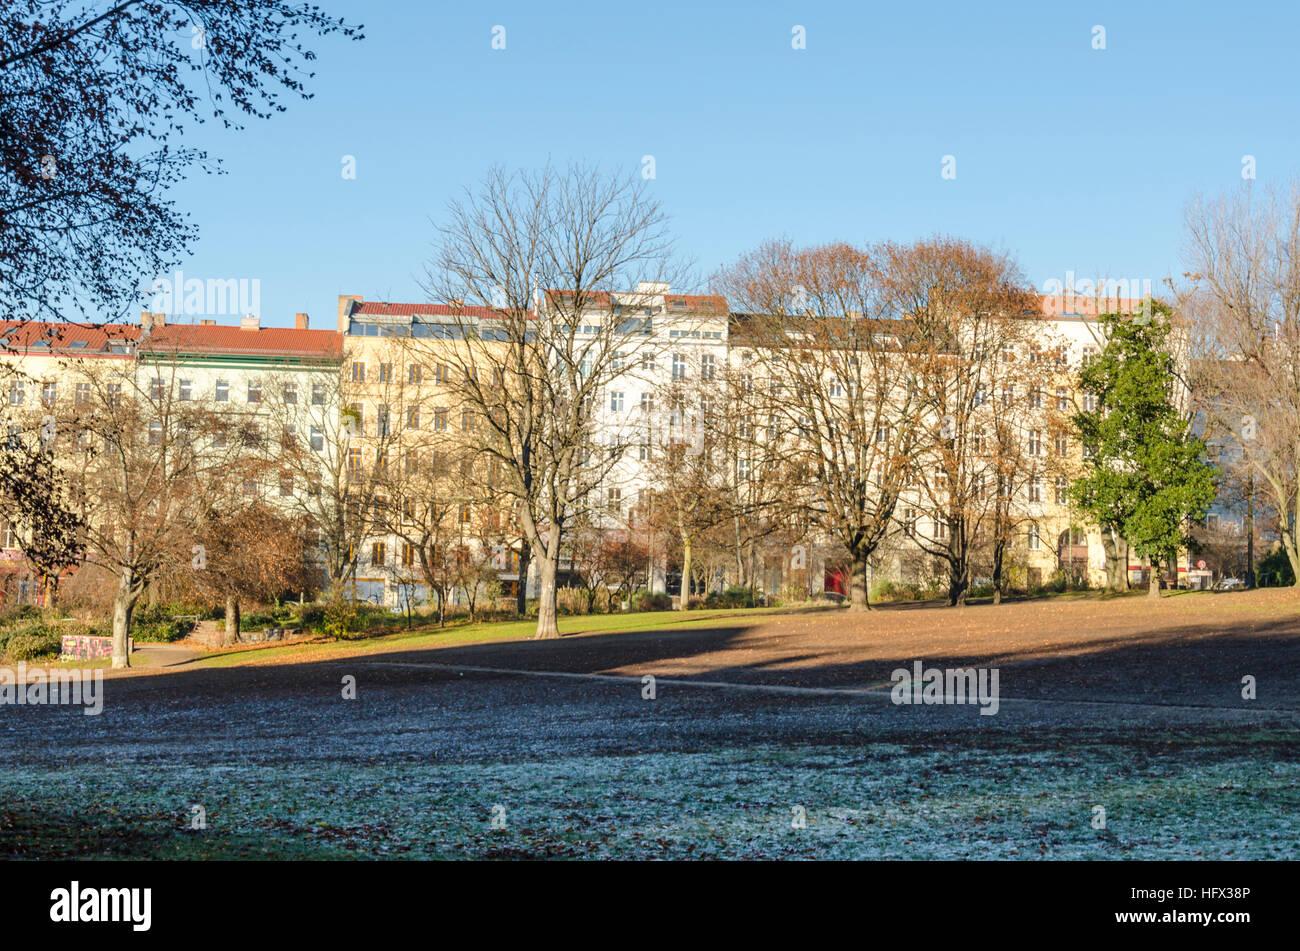 Volkspark am Weinbergsweg. Park and garden in the winter, Berlin, Germany - Stock Image